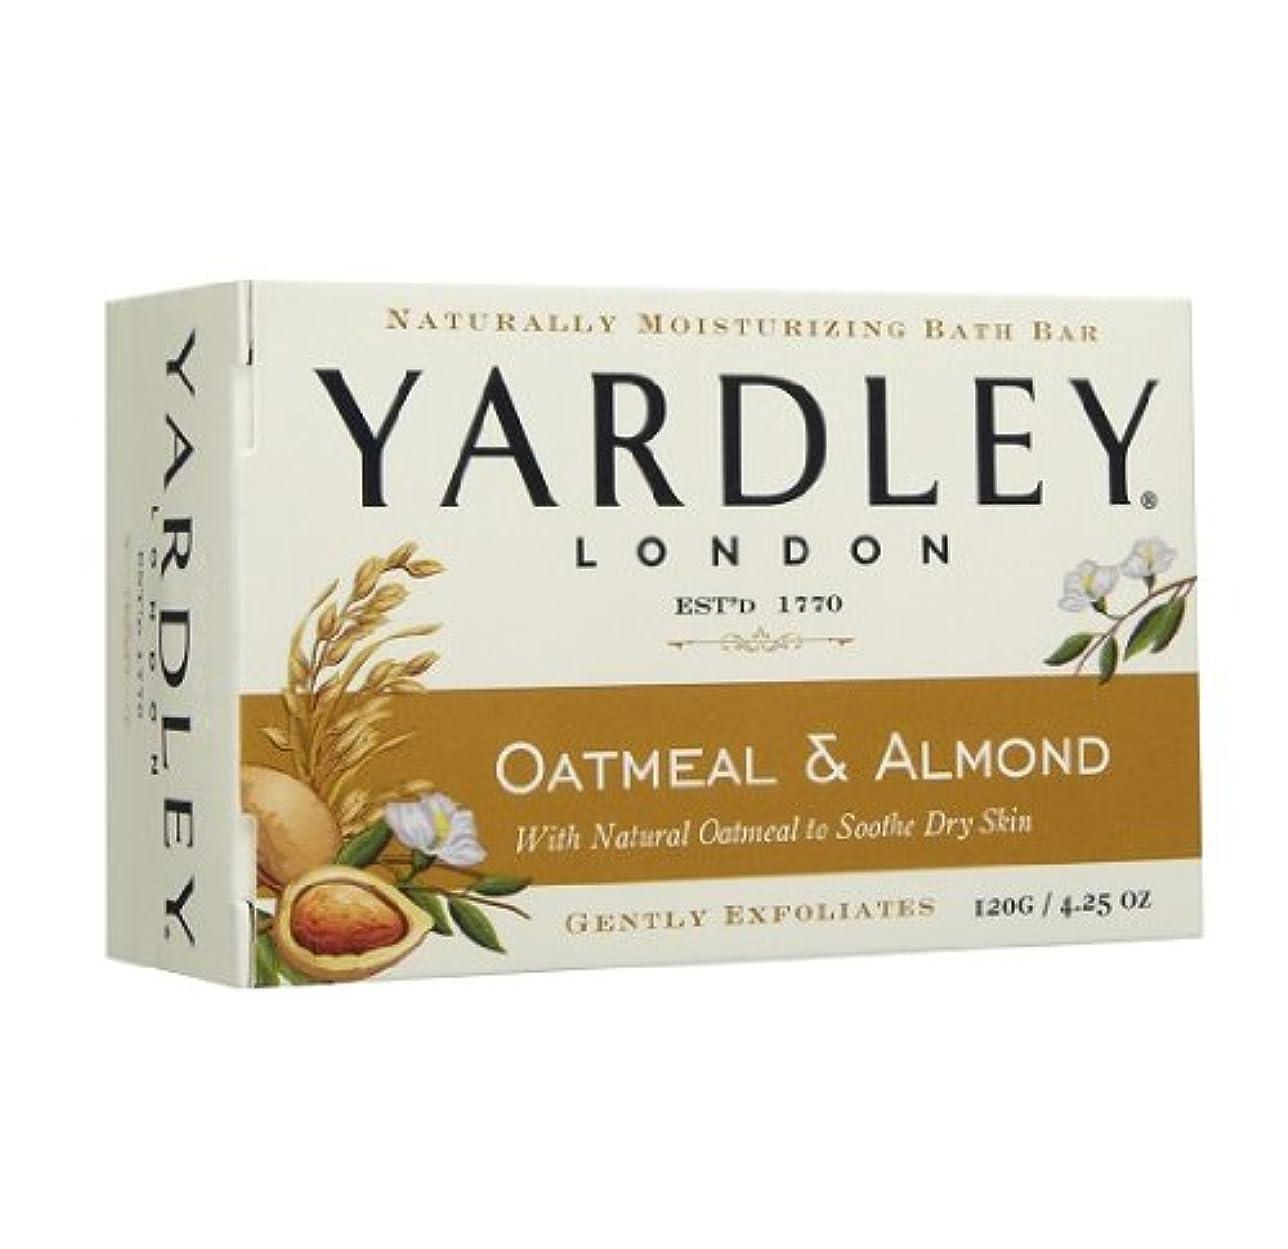 レポートを書くガレージ飛躍【2個:ハワイ直送品】Yardley London Oatmean & Almond Moisturizing Bath Bar ヤードリー オートミール&アーモンド ソープ  120g